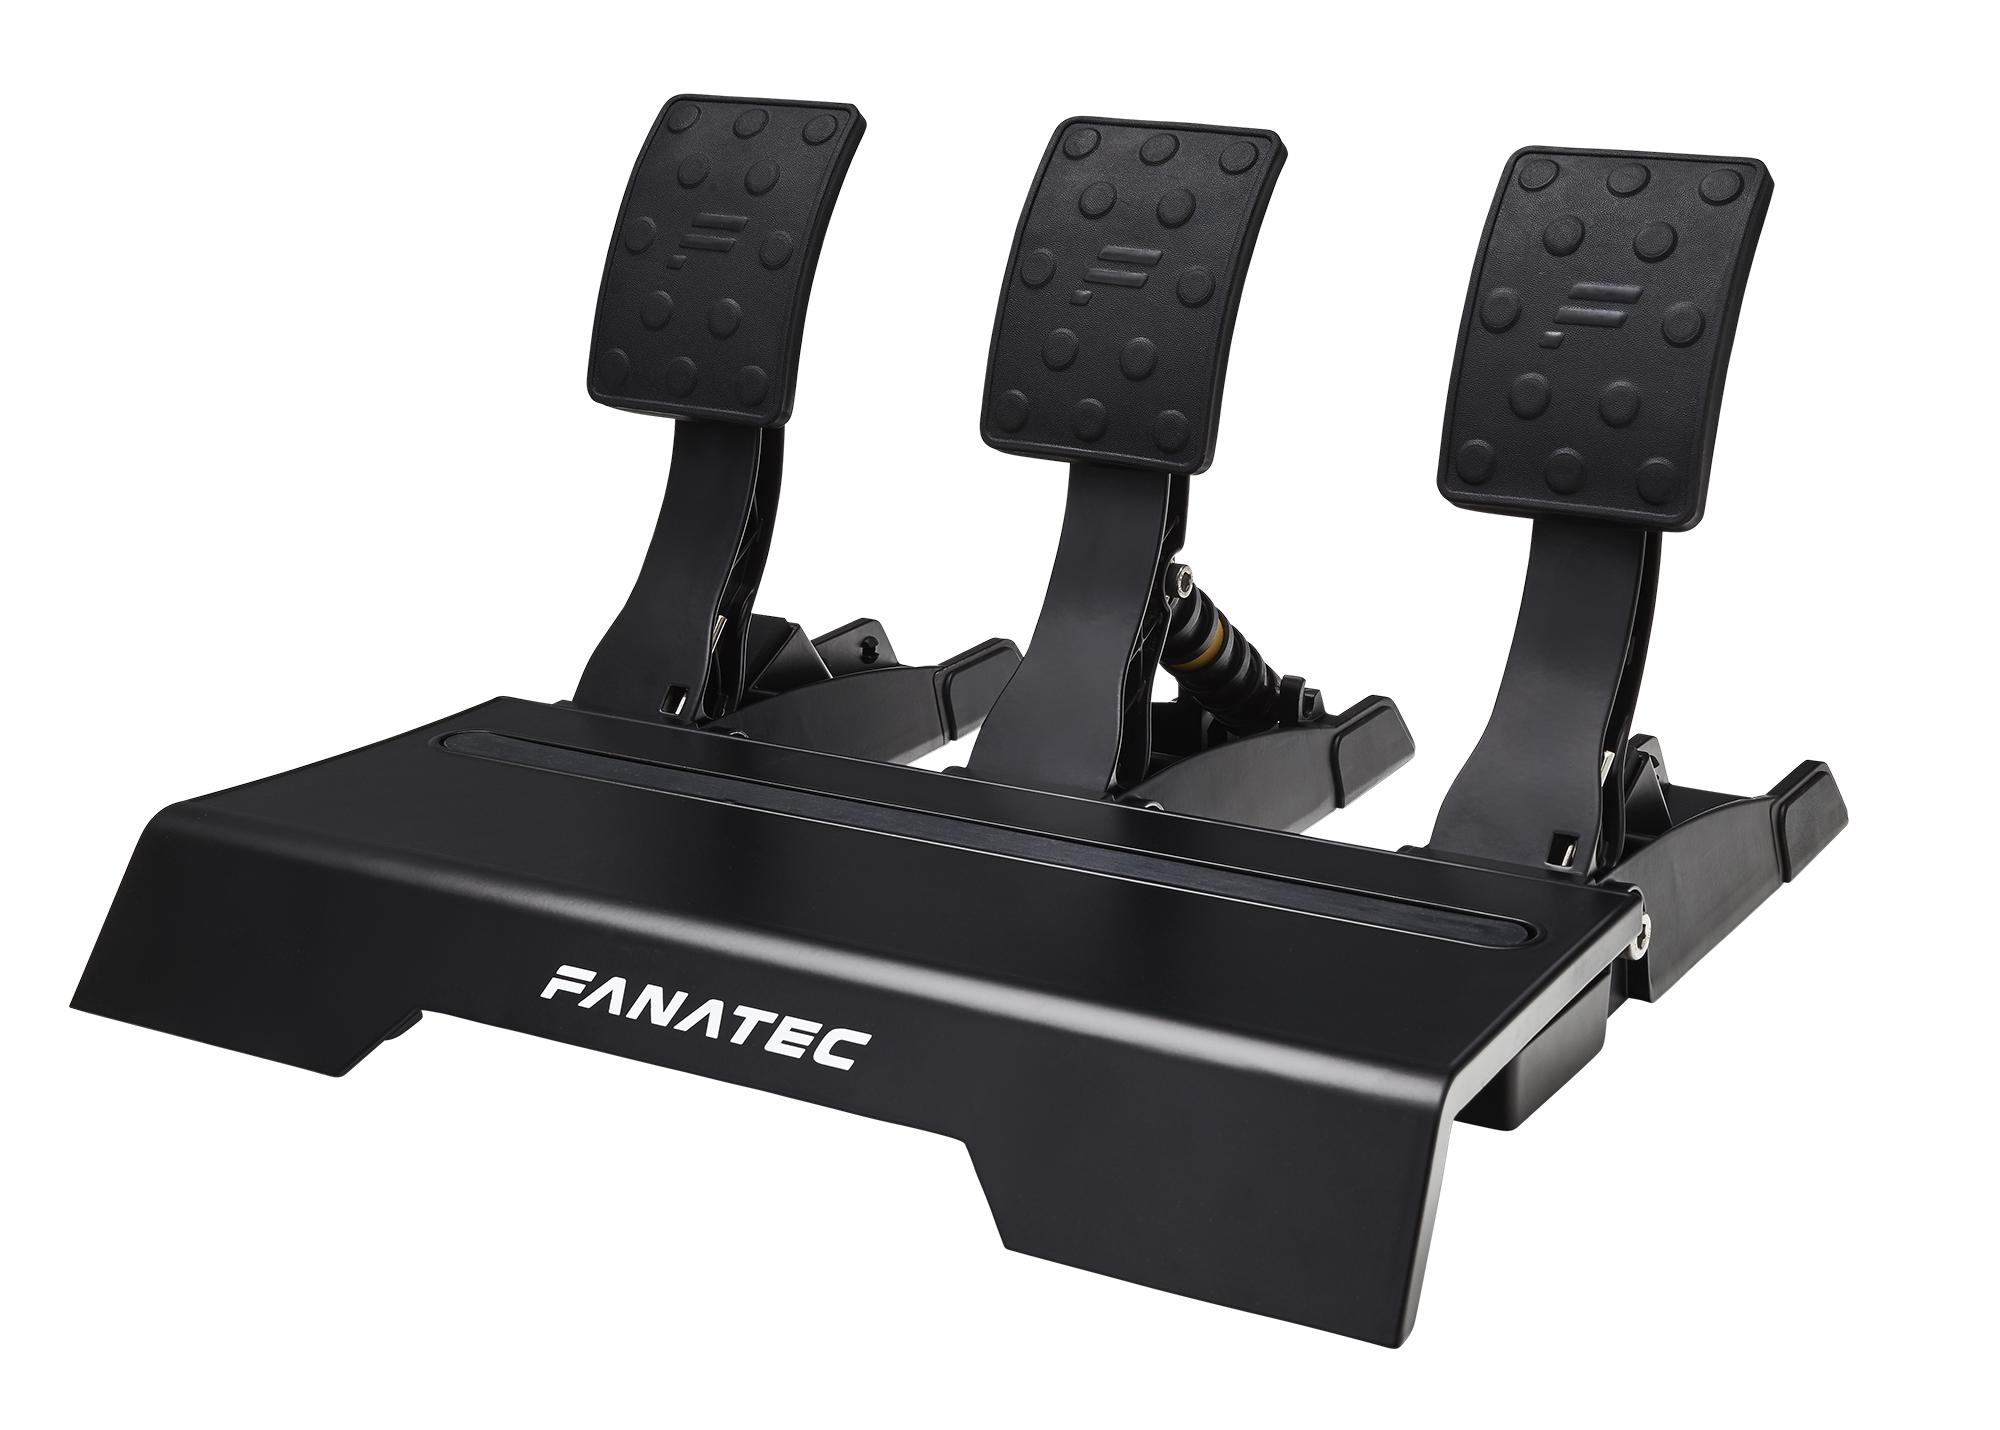 csl-elite-pedale-loadcell-kit-03.jpg